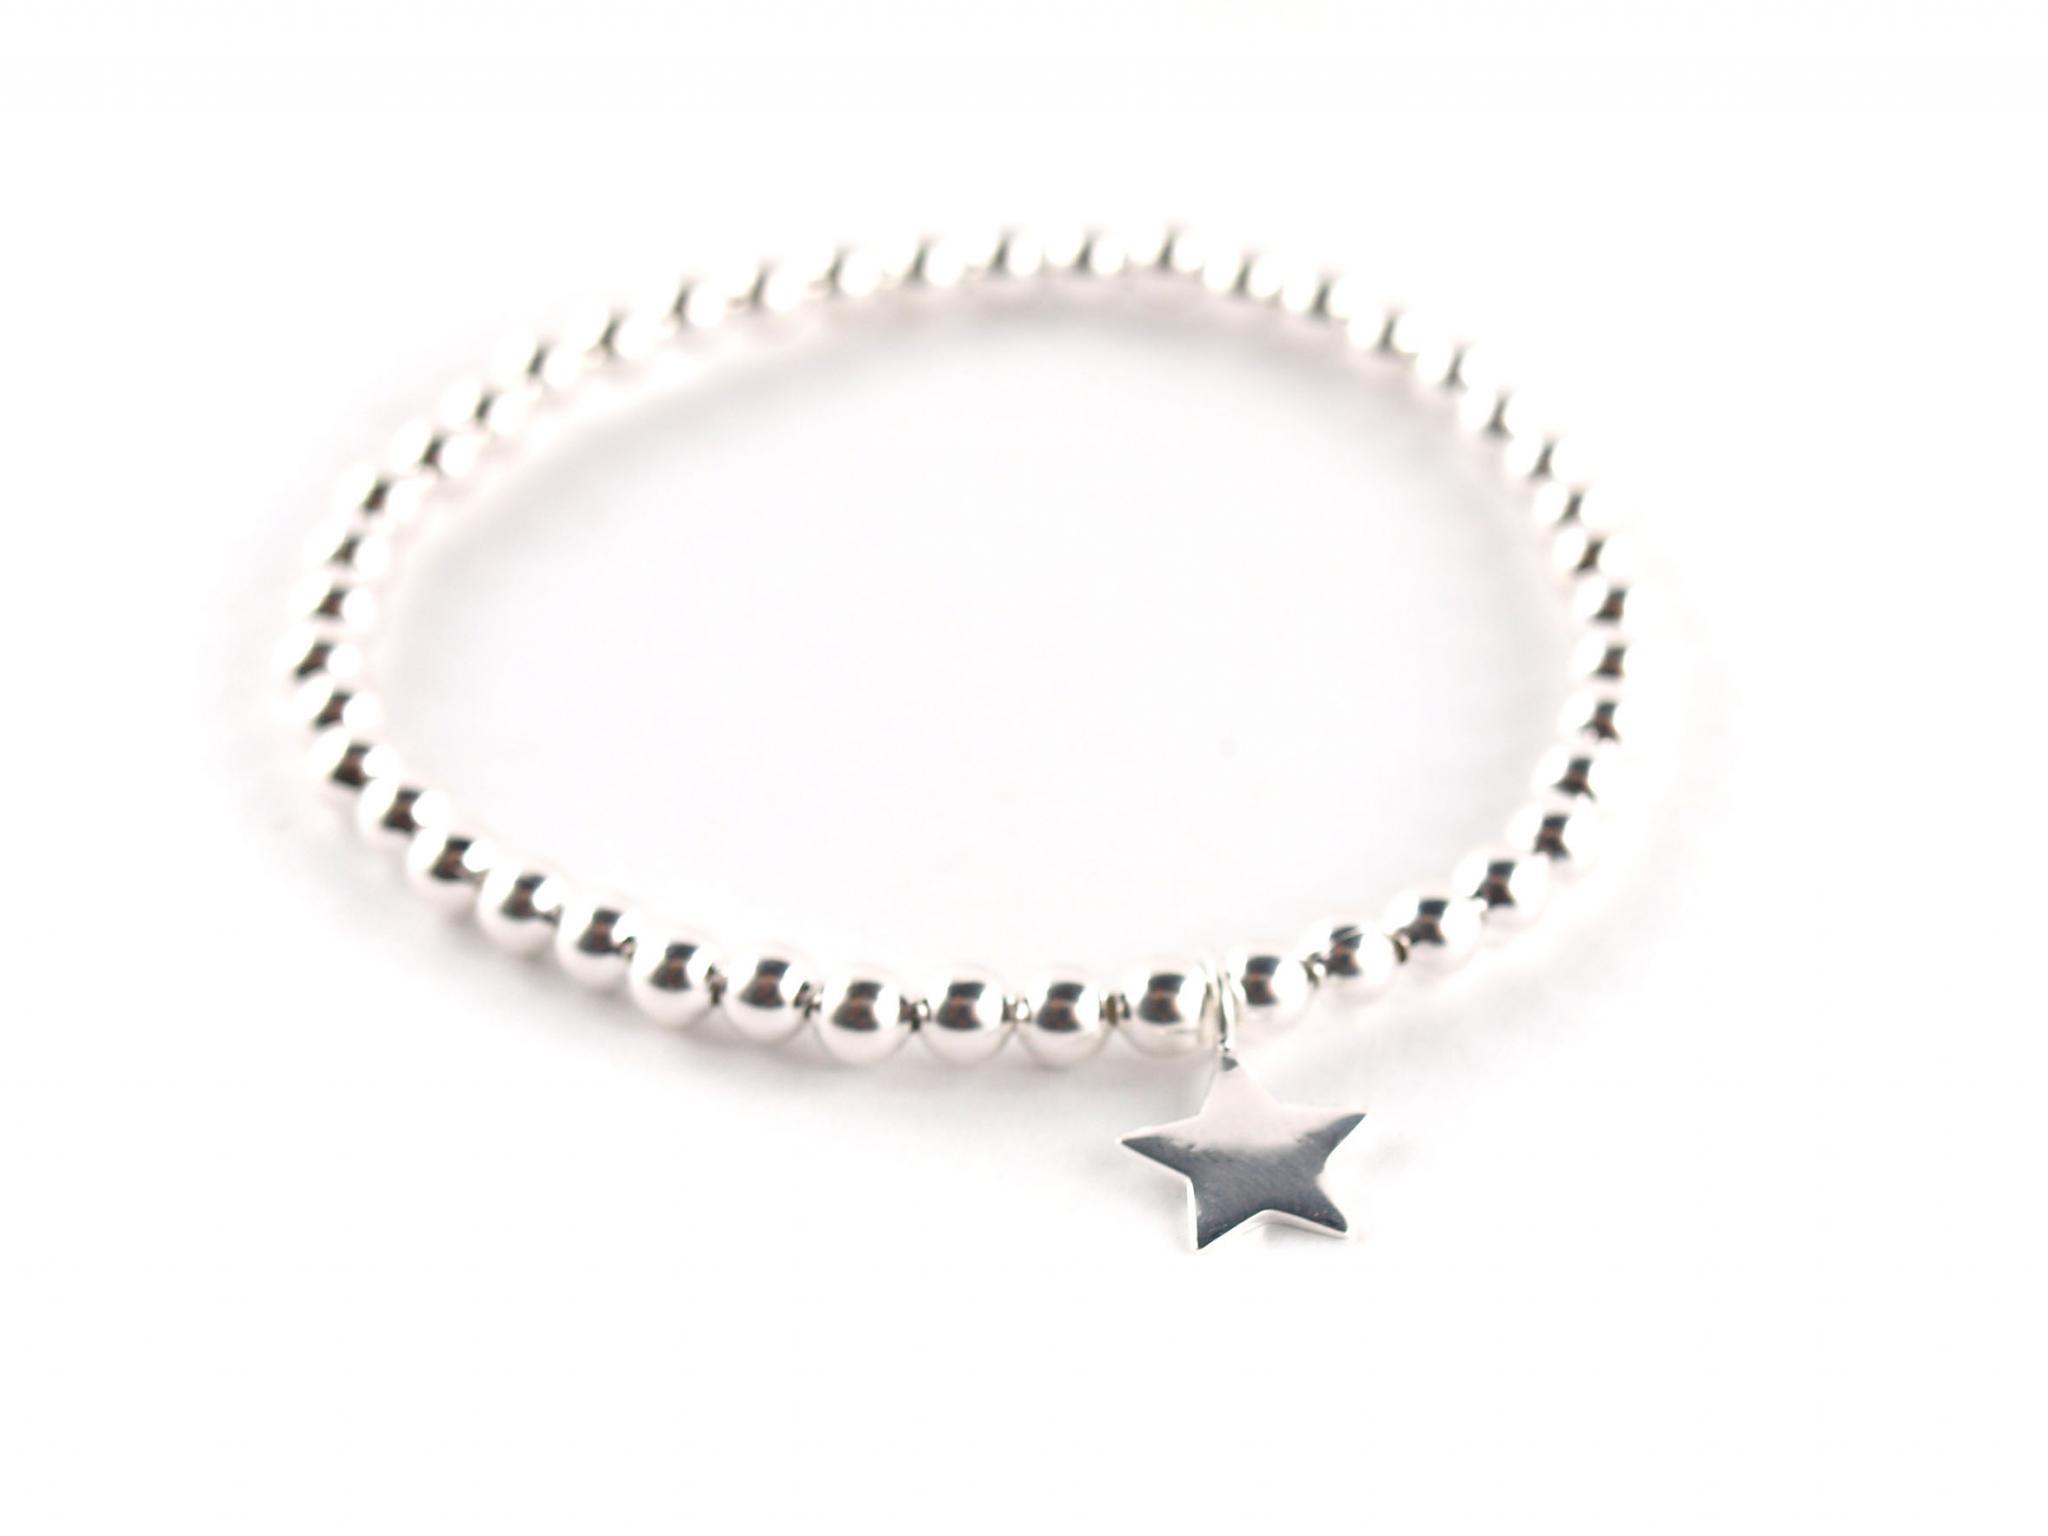 e8263501dc89 Silber-Armband mit kleinem Sternanhänger   Schöniglich